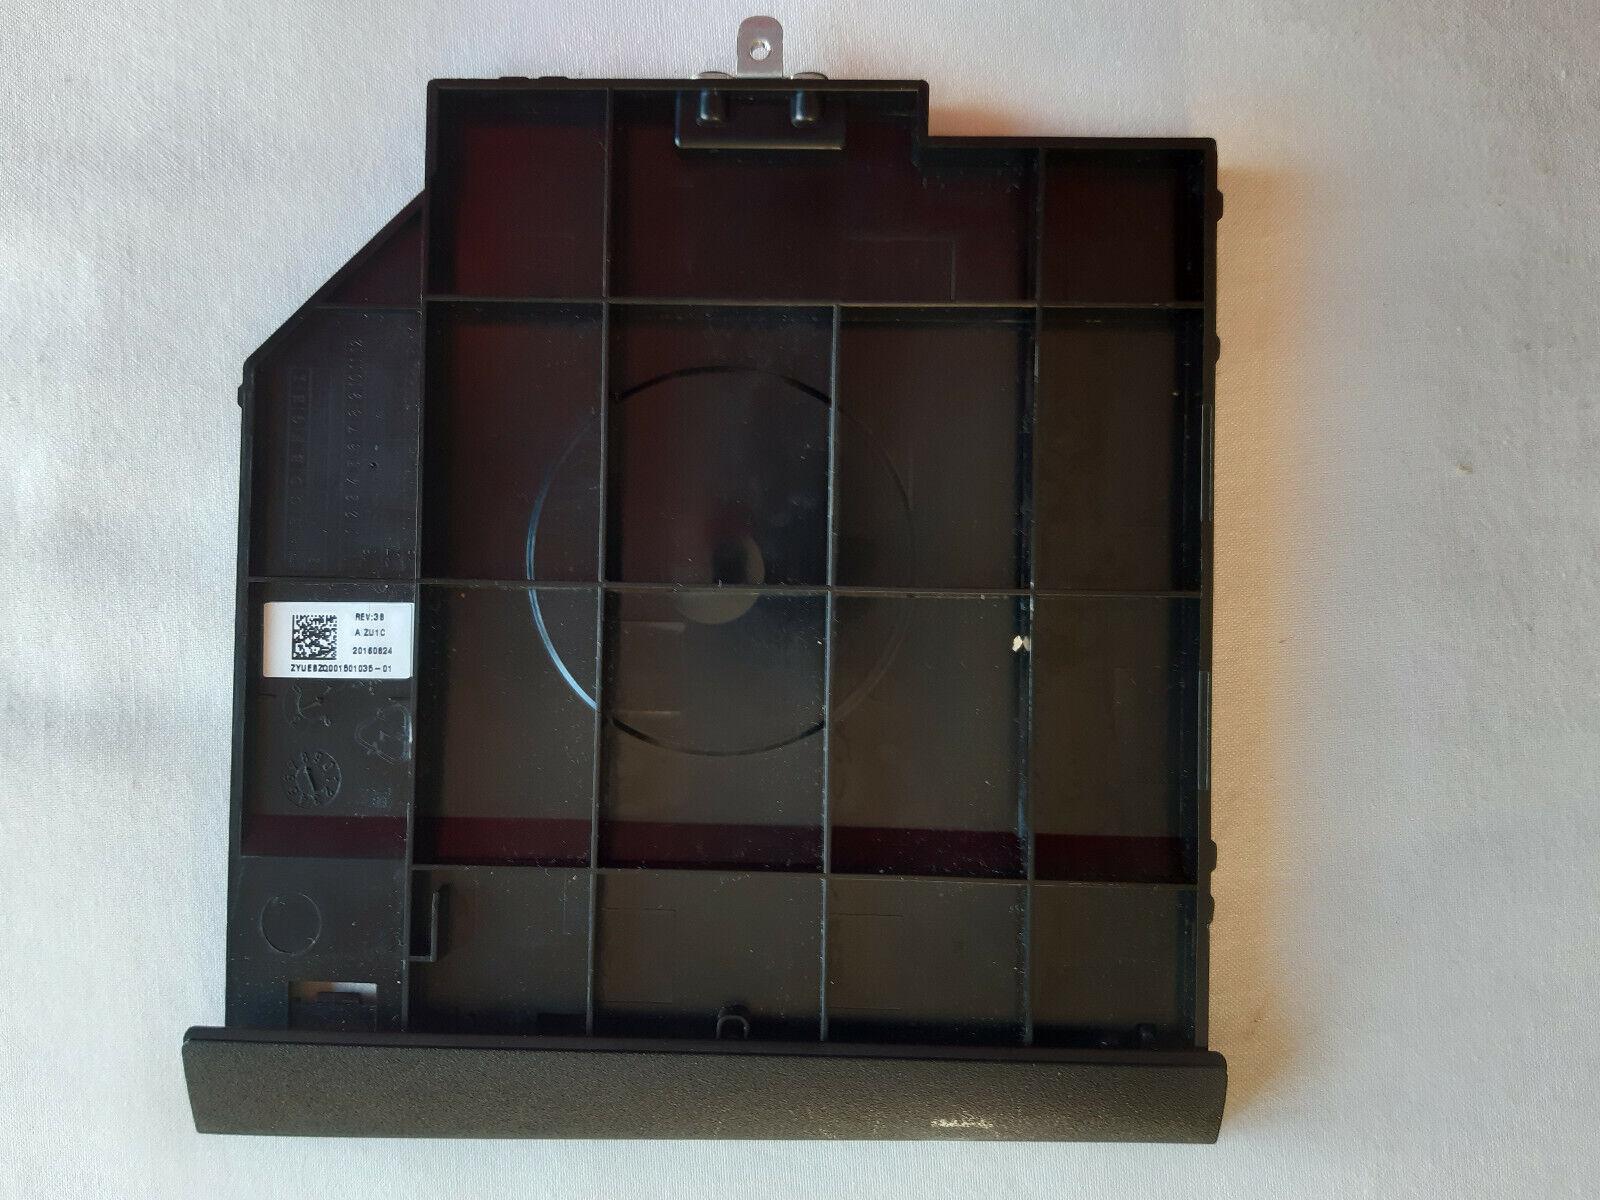 Cache lecteur graveur cd dvd factice ebzq0015010 / cp1ebzq00401 pour pc portable